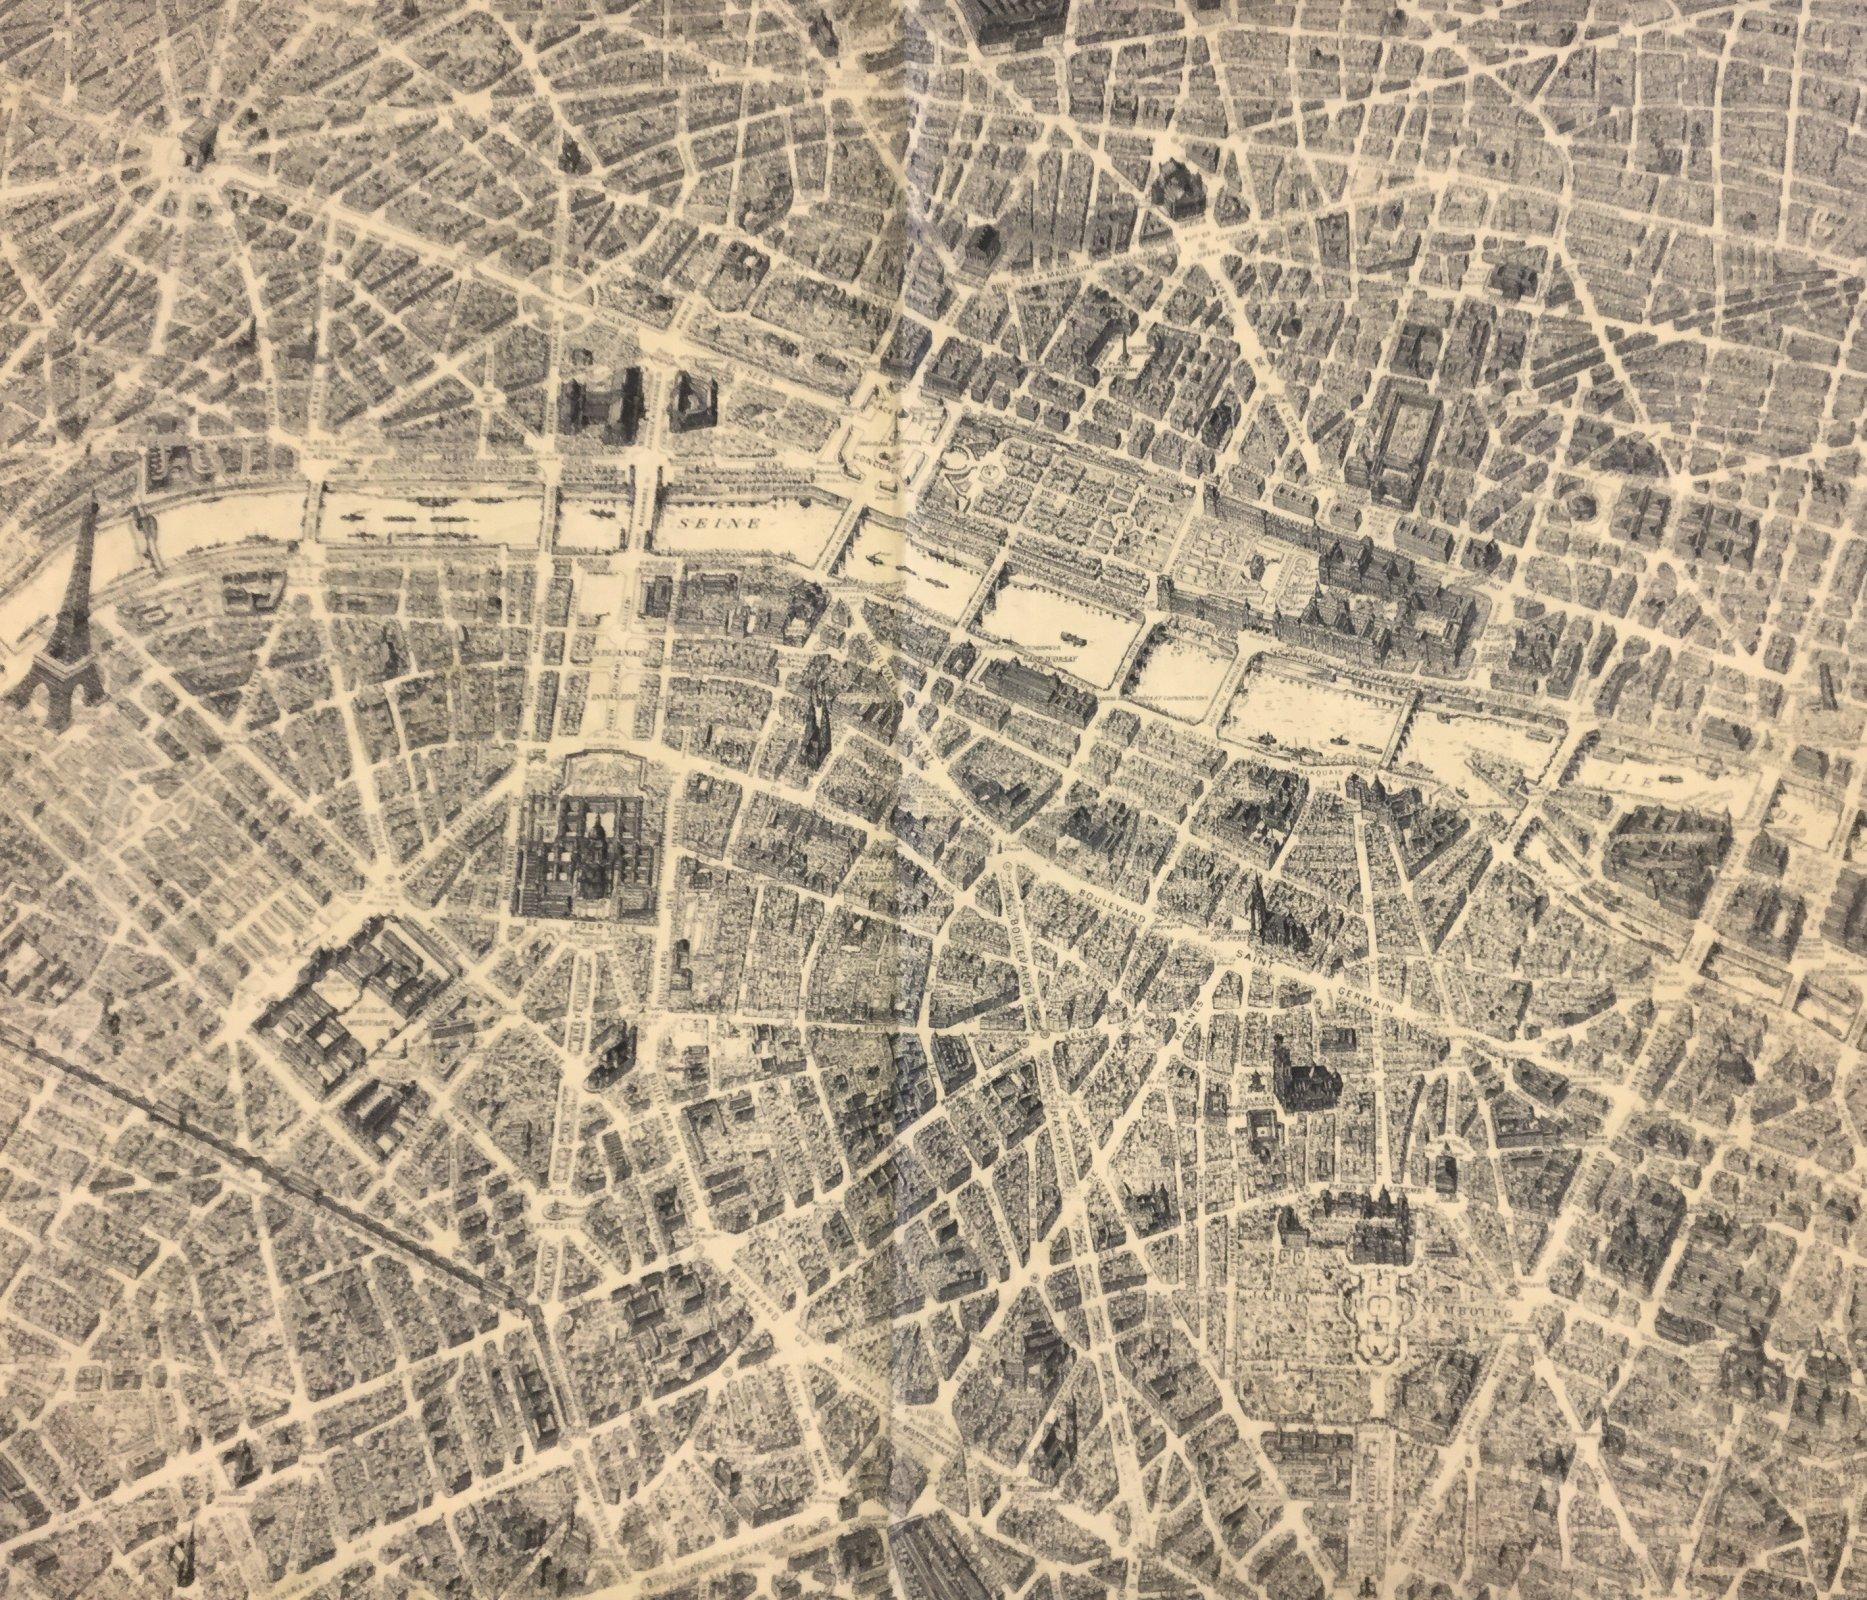 paris destination paris france street map eiffel tower notre dame river seine landmarks cotton quilt fabric wi99